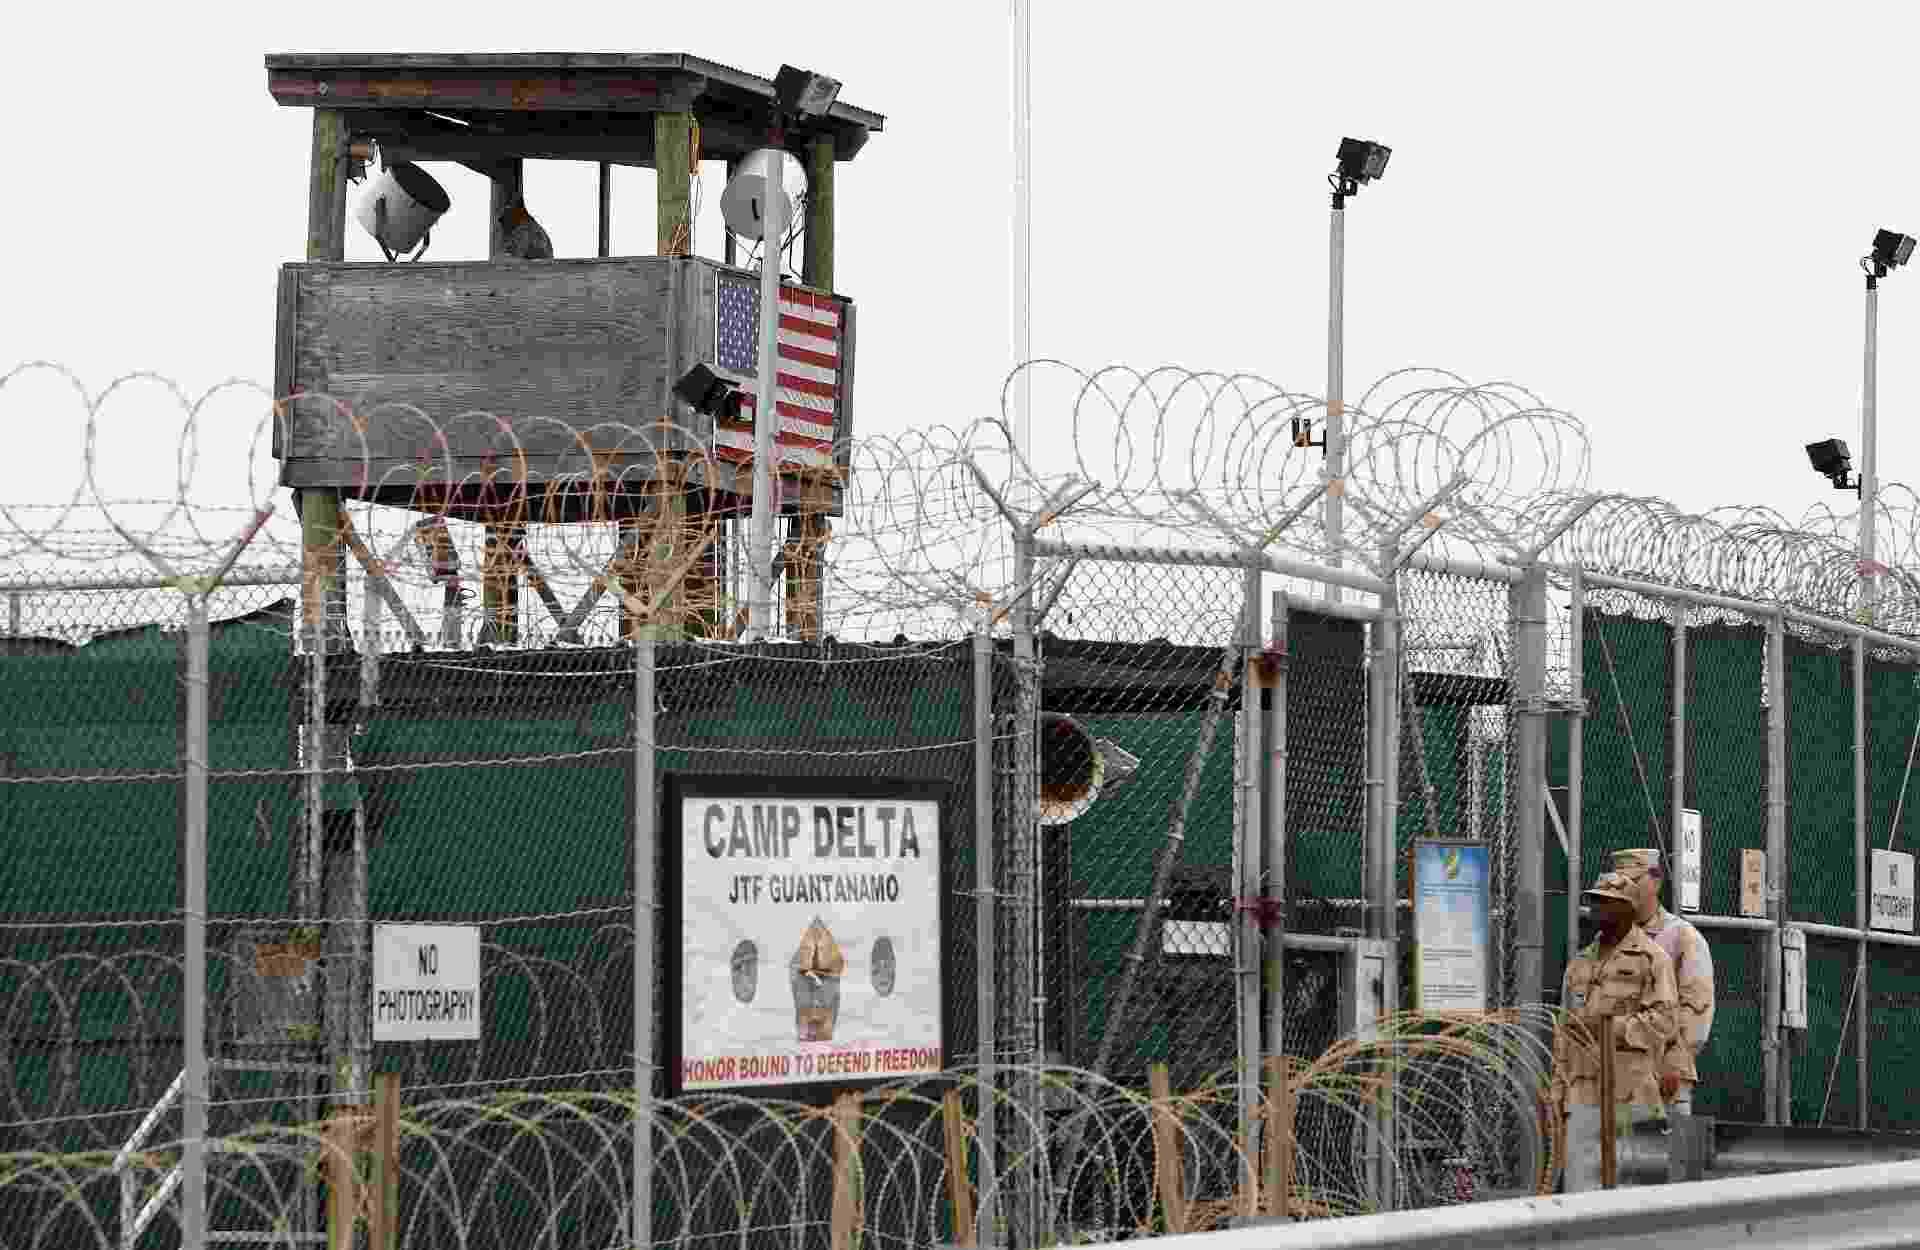 23.fev.2016 - O centro de detenção foi instalado na baía de Guantánamo, em Cuba, em 2002 durante o governo de George W. Bush com o objetivo de aprisionar acusados de envolvimento com atividades terroristas. Em seu ápice chegou a ter cerca de 700 prisioneiros. Ela fica dentro do território de 120 km² na costa sudeste de Cuba que é controlado pelos EUA desde 1903 - Shawn Thew/EFE